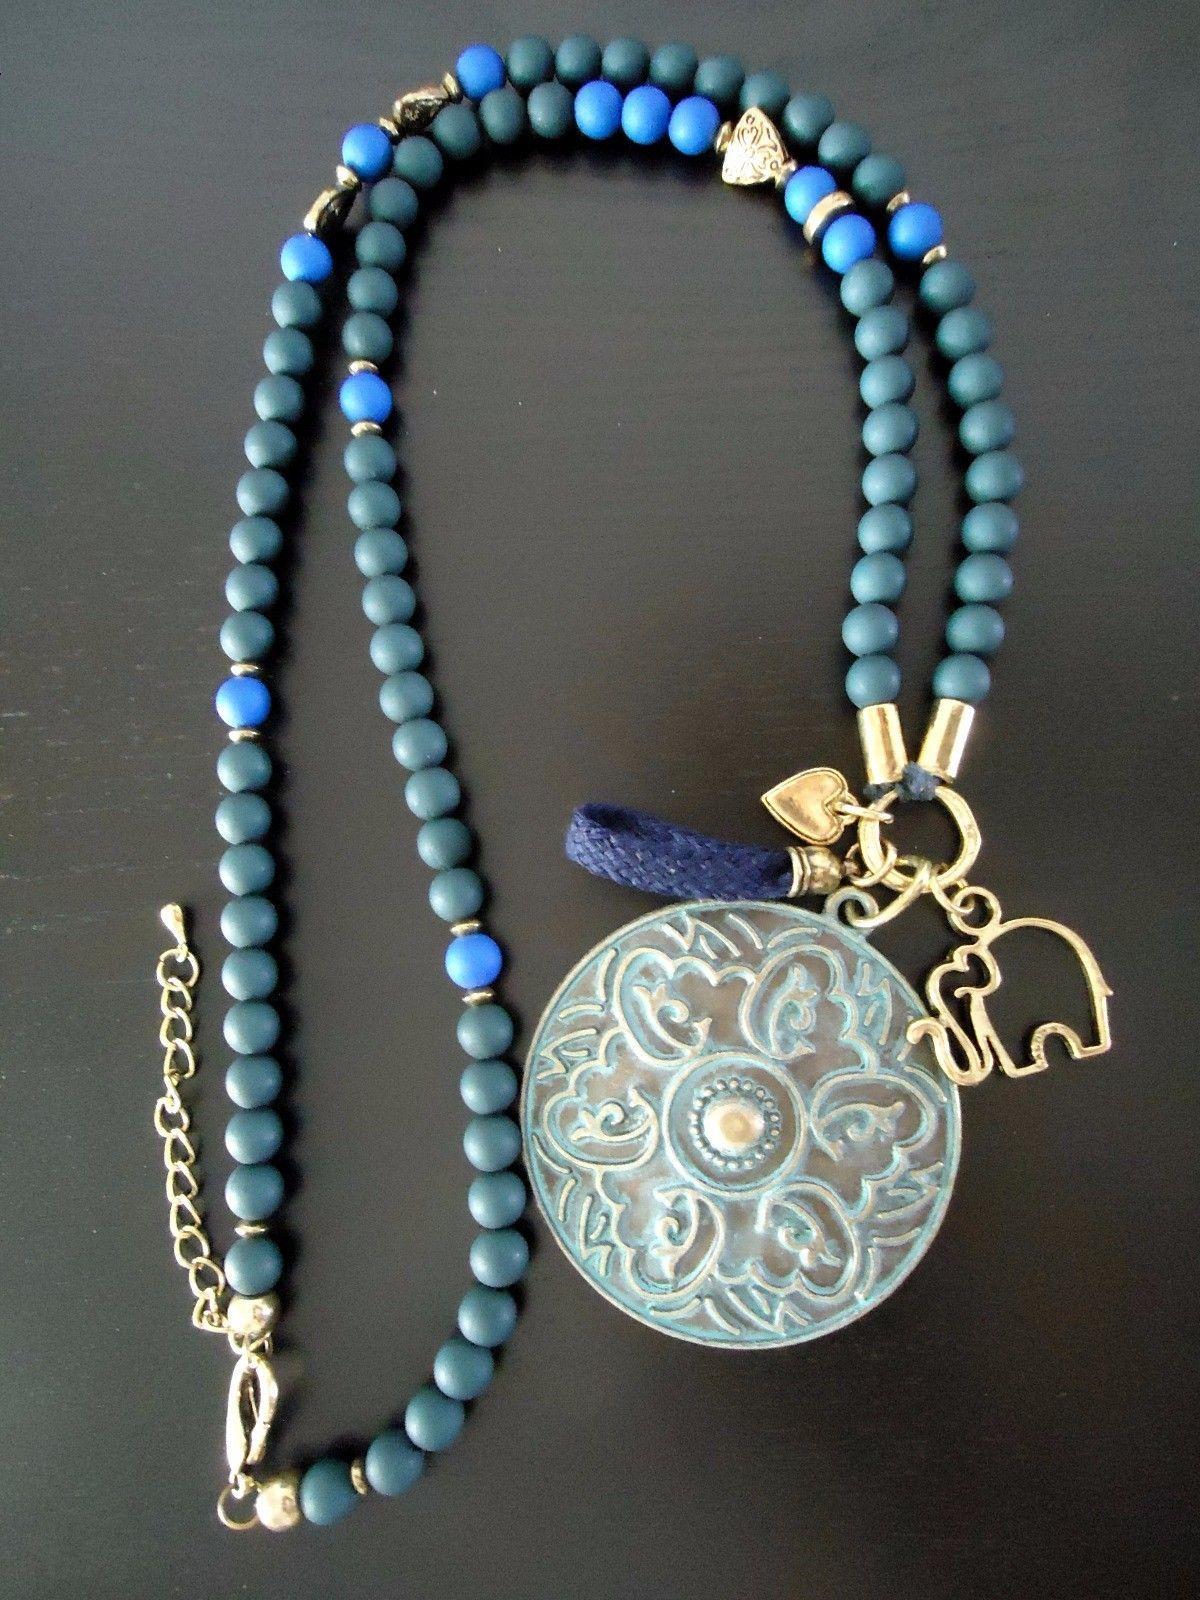 4d78b1bf4a6f Collar Artesanal Boho cuentas mate Colgante bronce envejecido handmade  jewelery